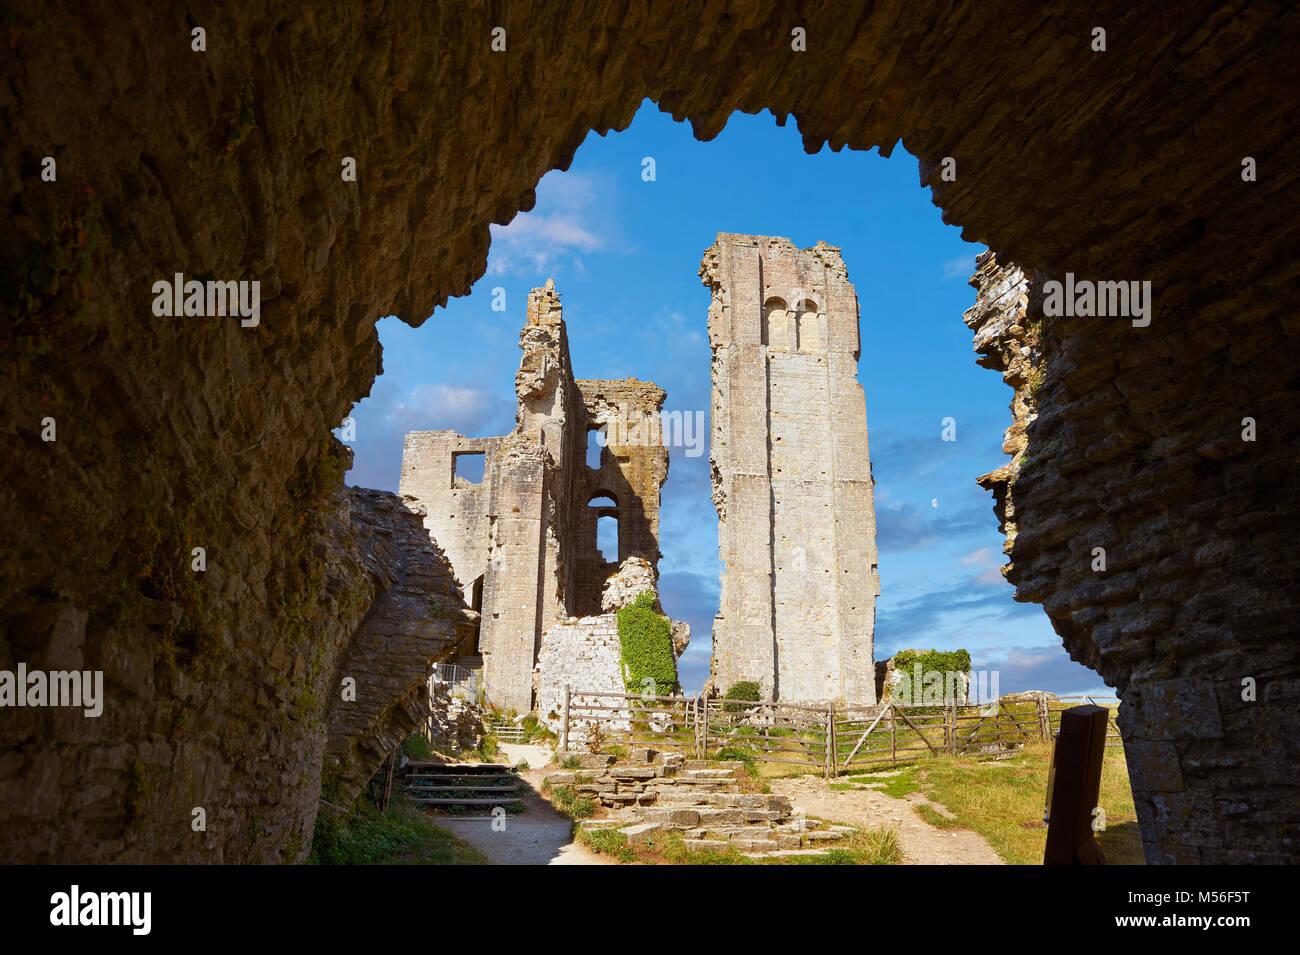 El castillo Corfe mantener cloase medieval, construido en 1086 por Guillermo el Conquistador, Dorset, Inglaterra Imagen De Stock